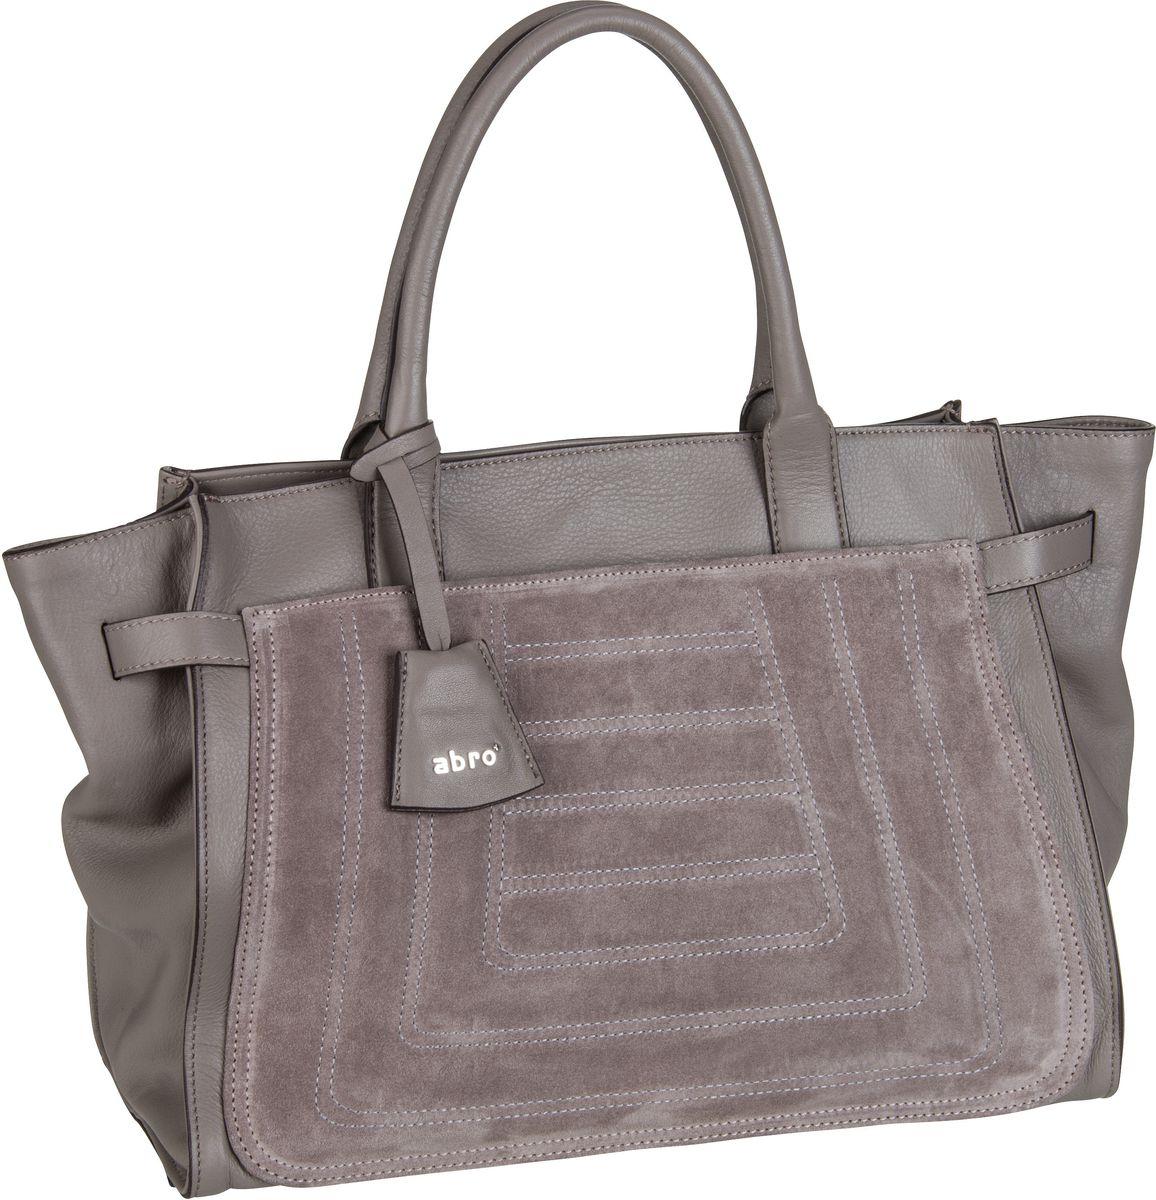 Kiekebusch Angebote abro Suede Quilted 27643 Zinc - Handtasche